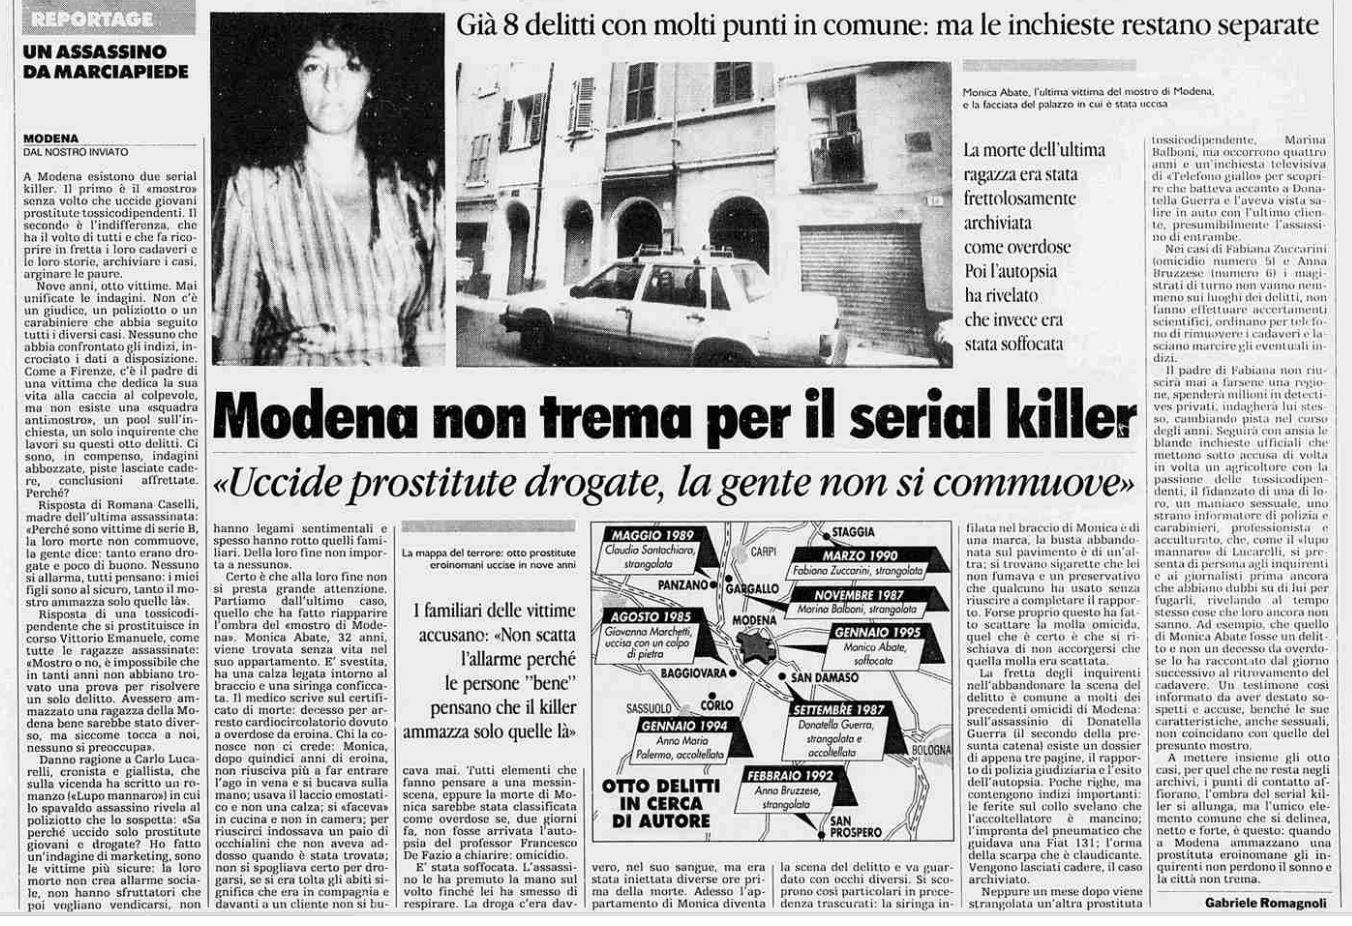 La Stampa, 19 gennaio 1995